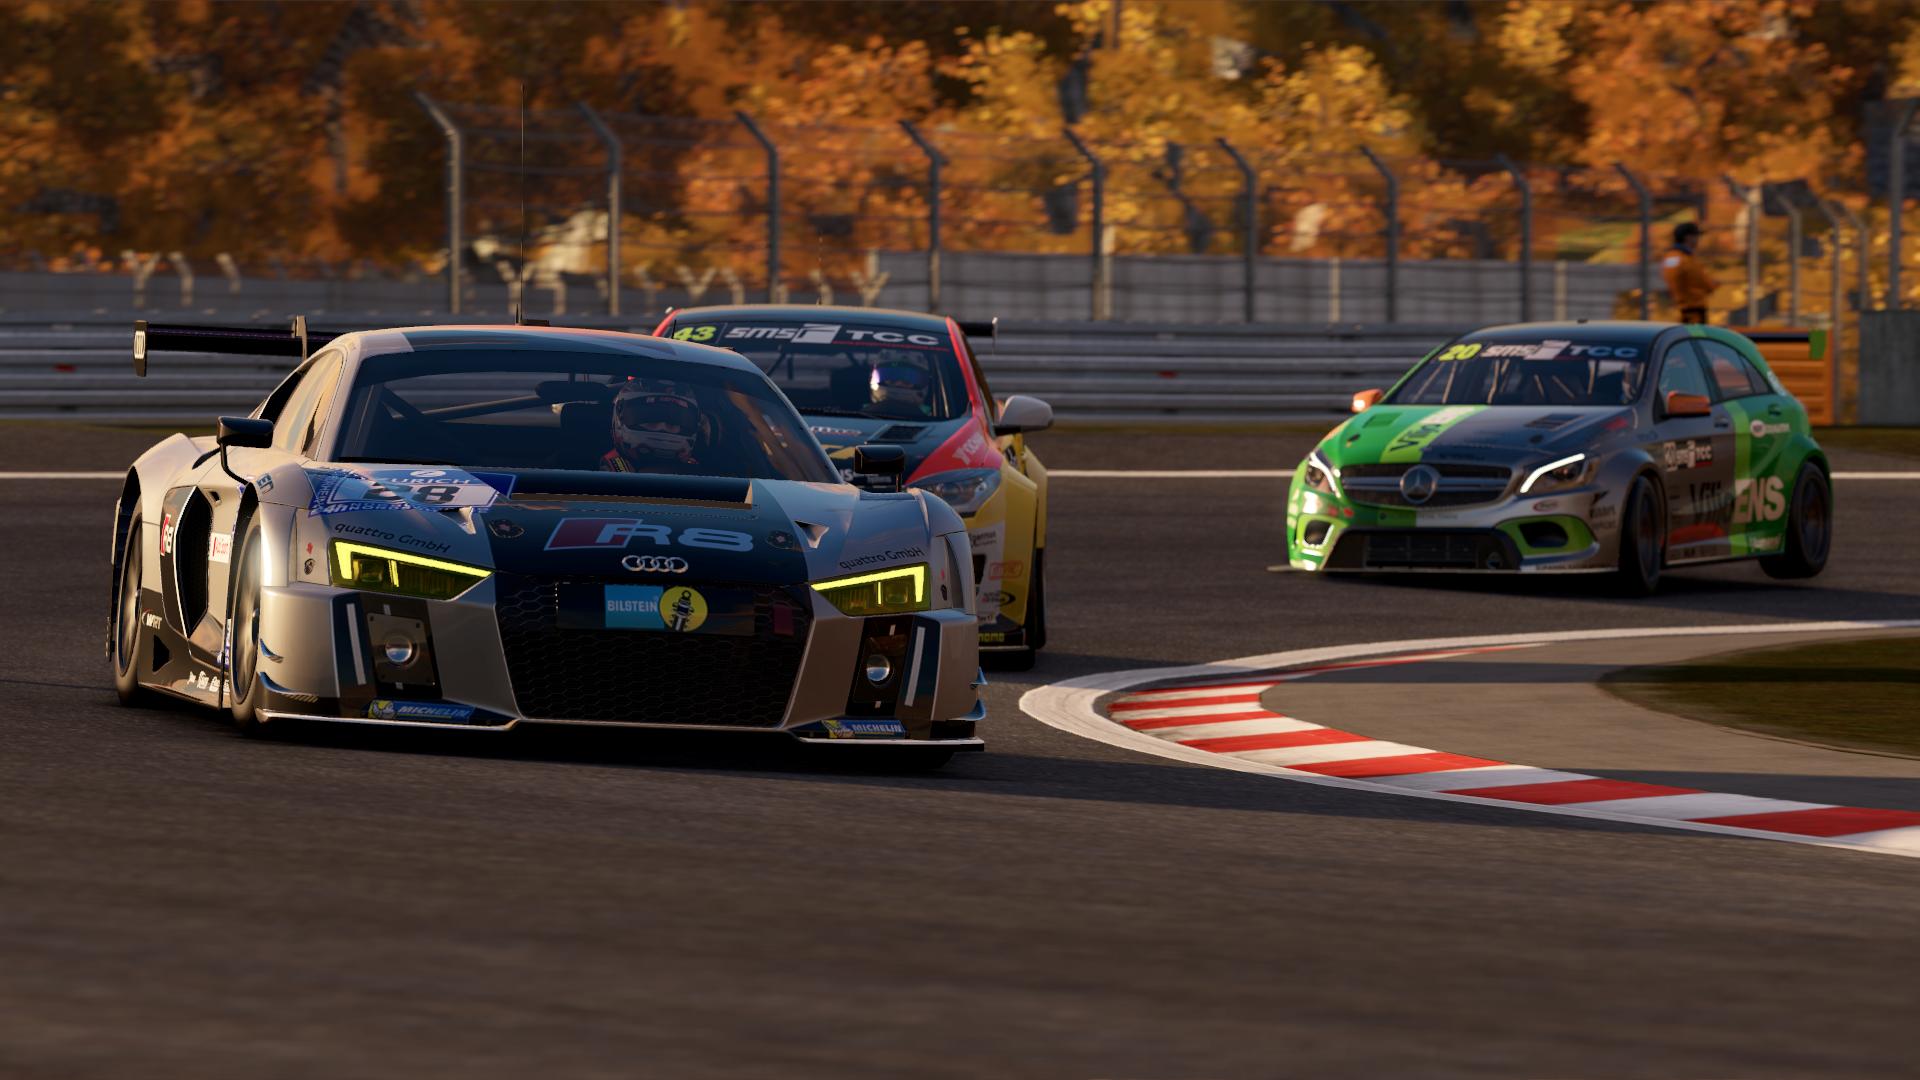 Juegos de carreras coches